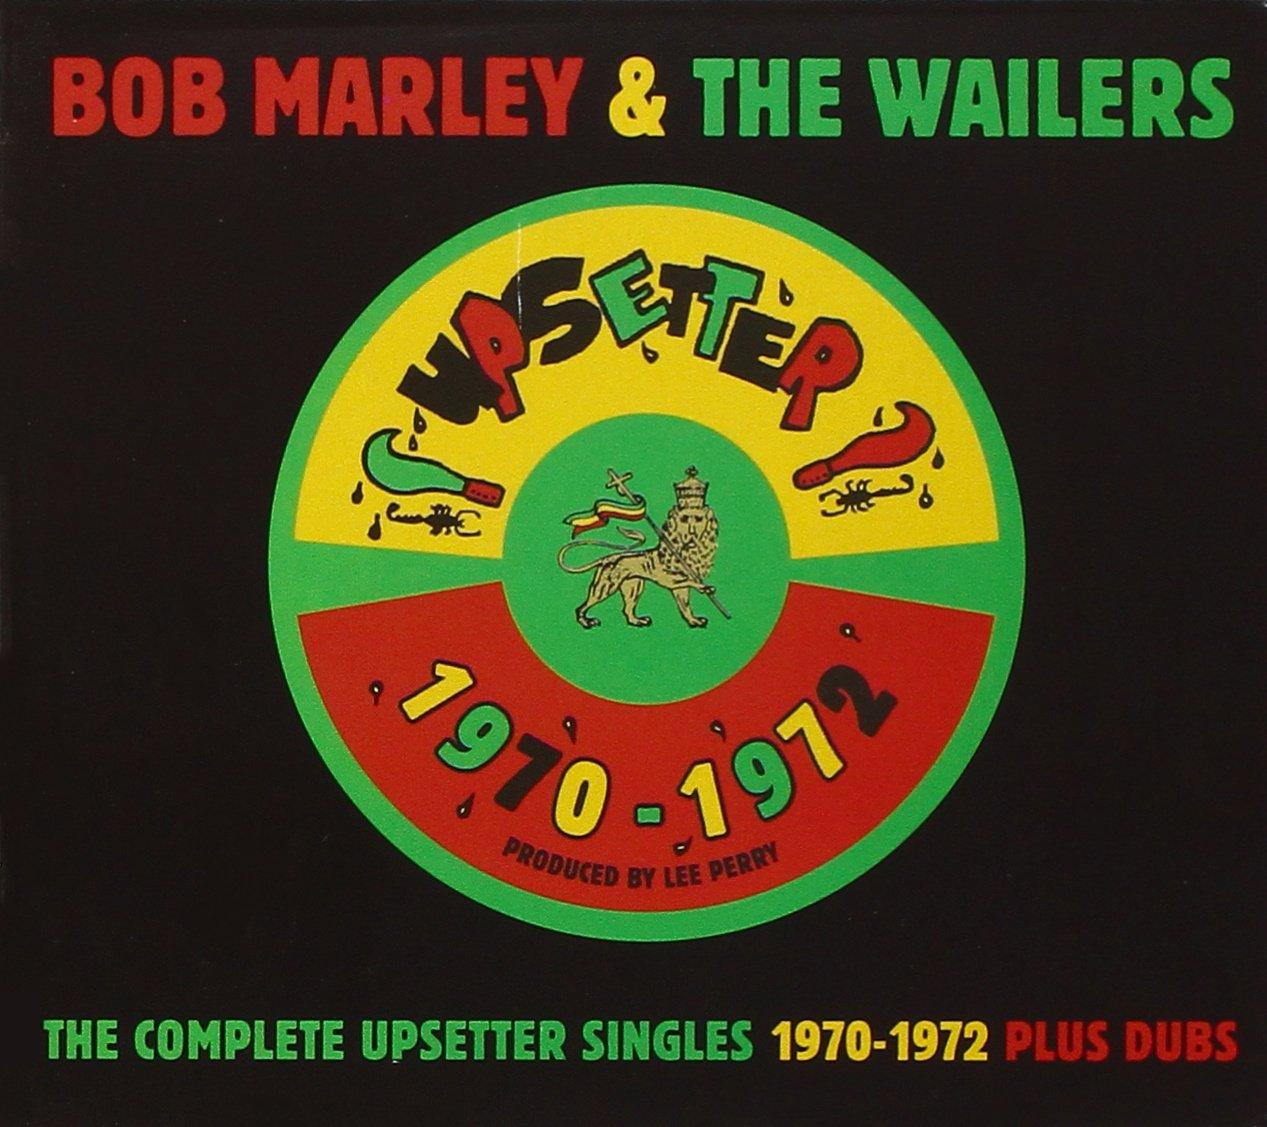 Complete Upsetter Singles 1970-1972